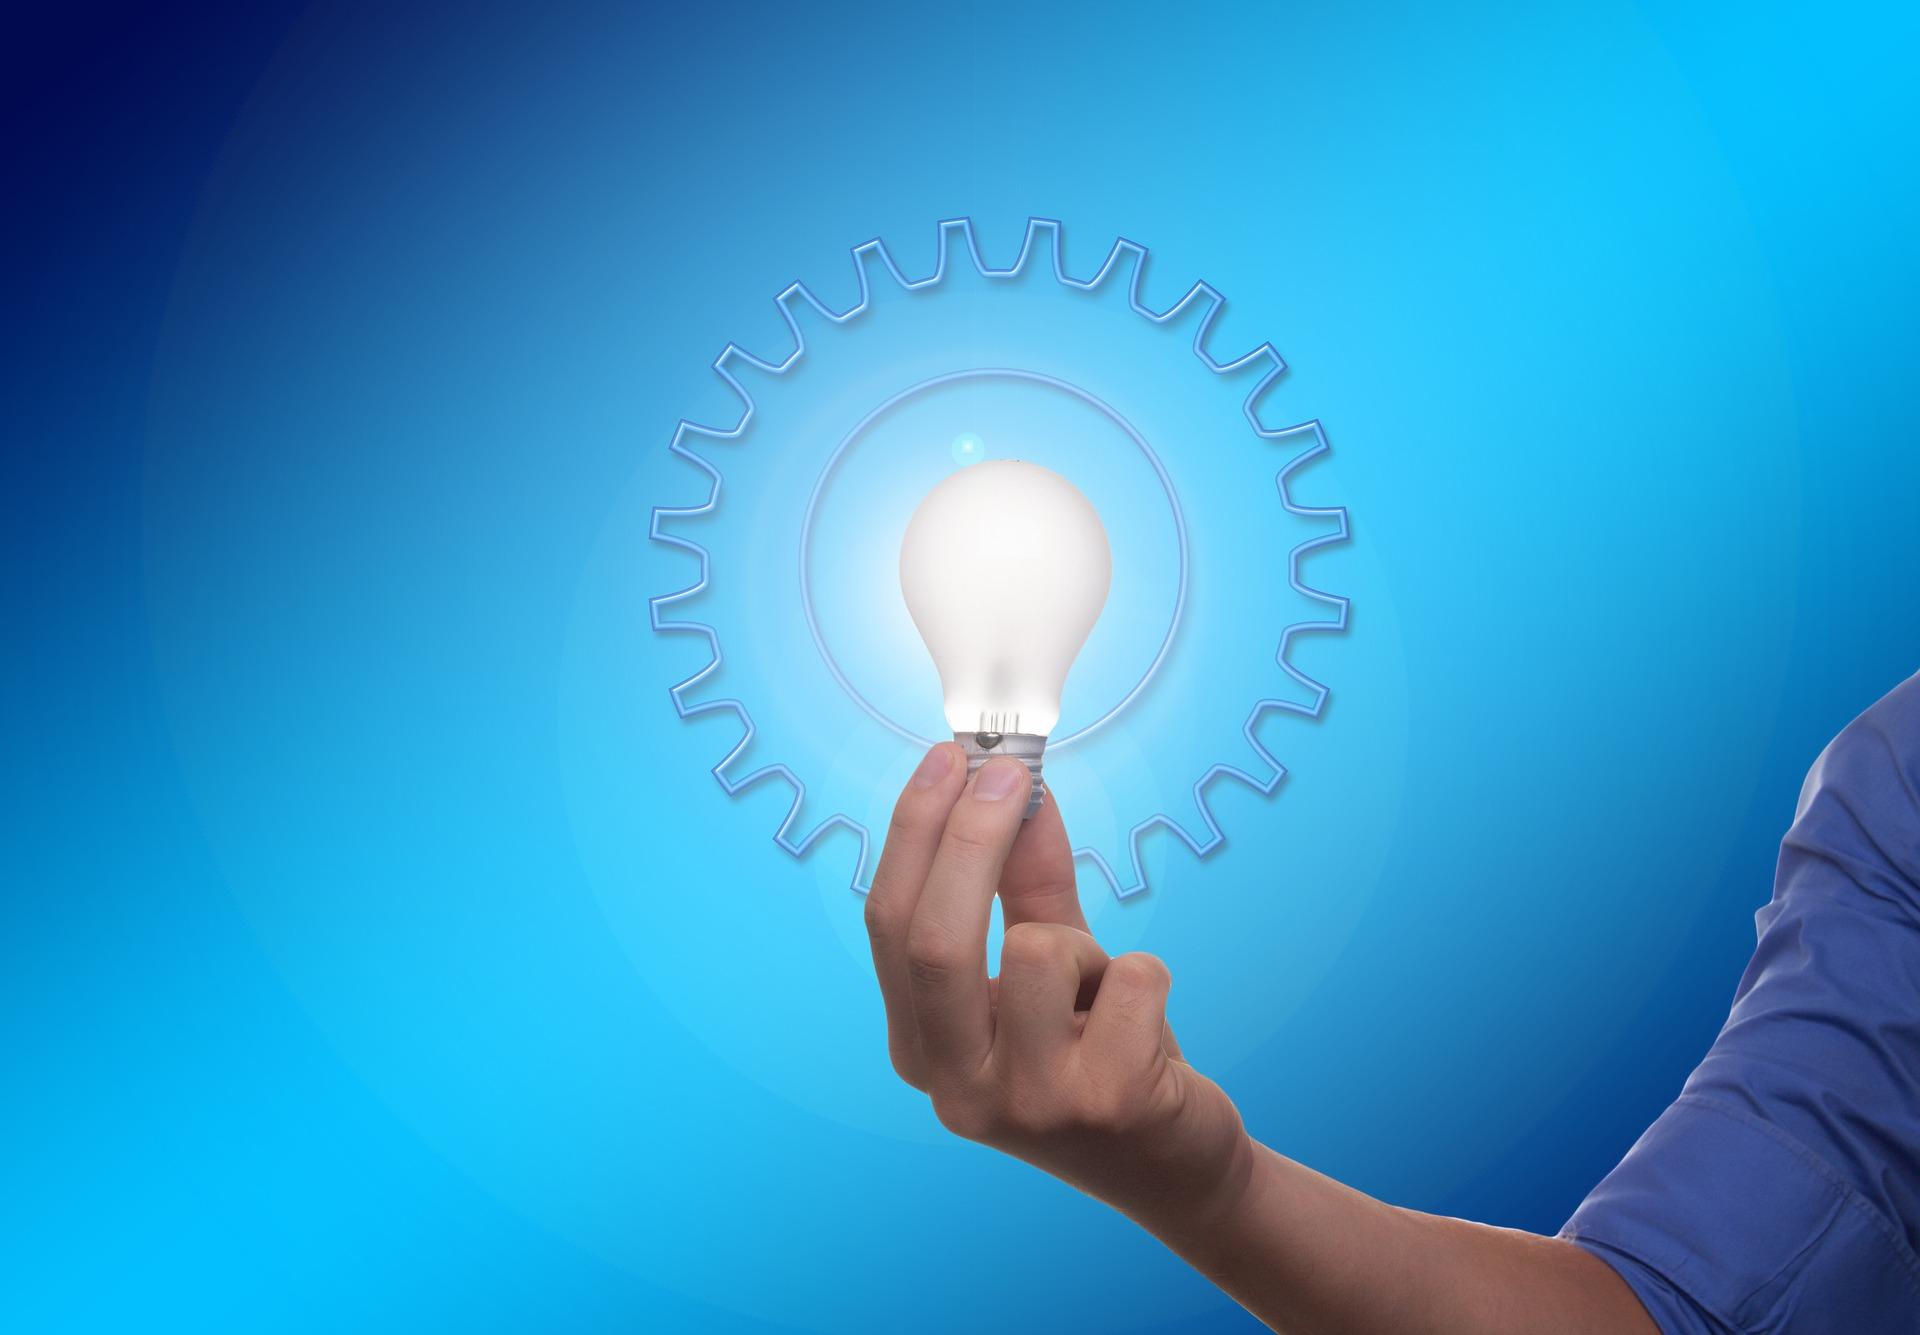 lamp-1315735_1920